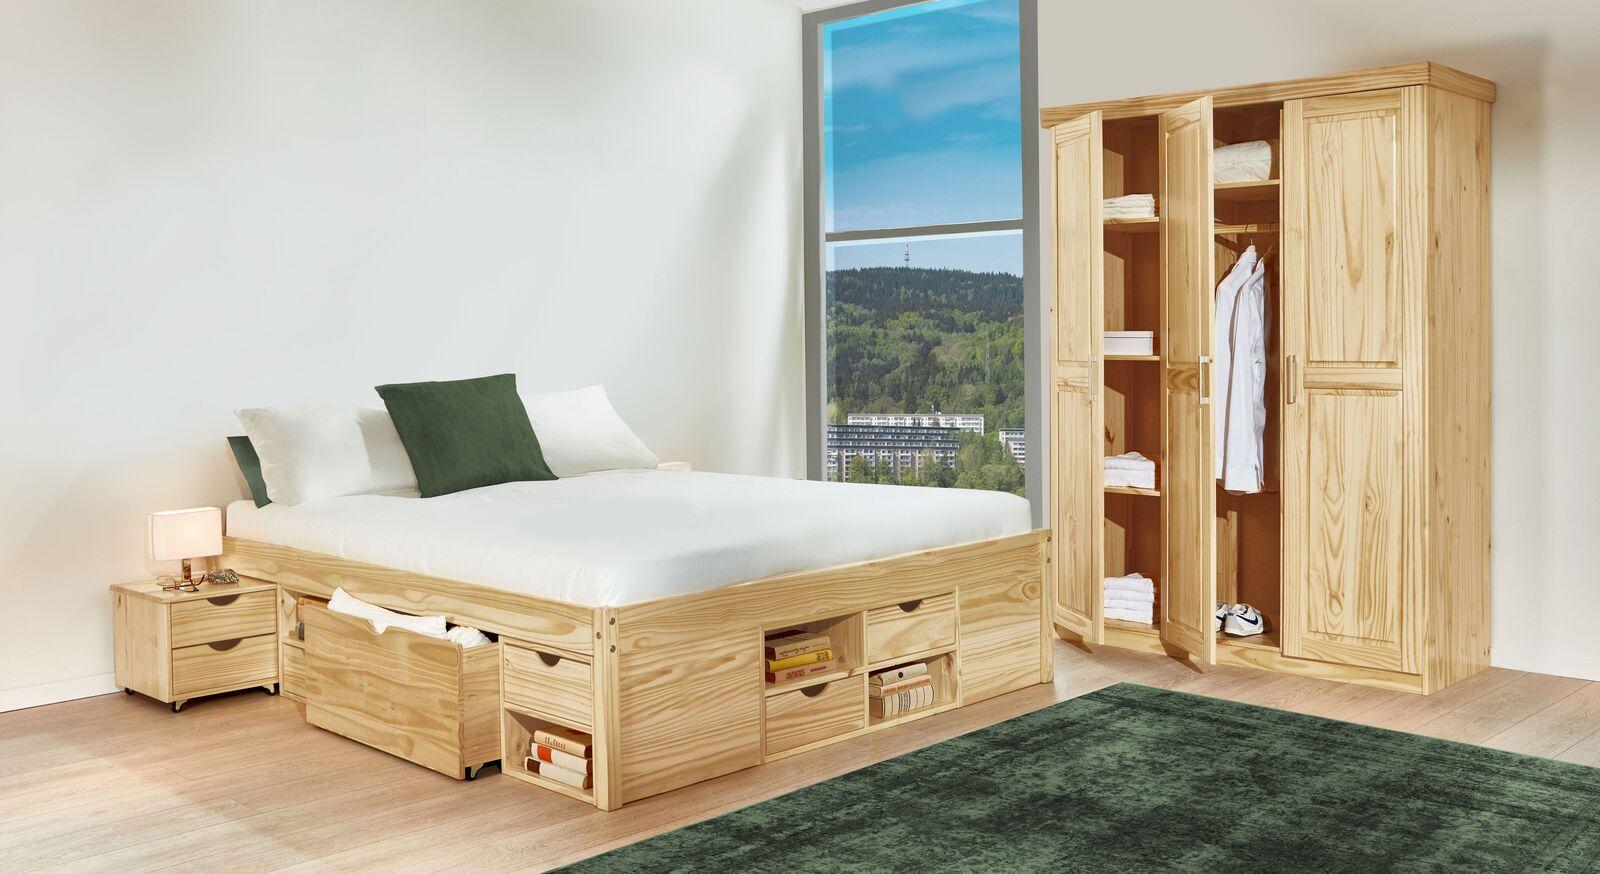 Schubkasten-Doppelbett Oslo mit passendem Kleiderschrank